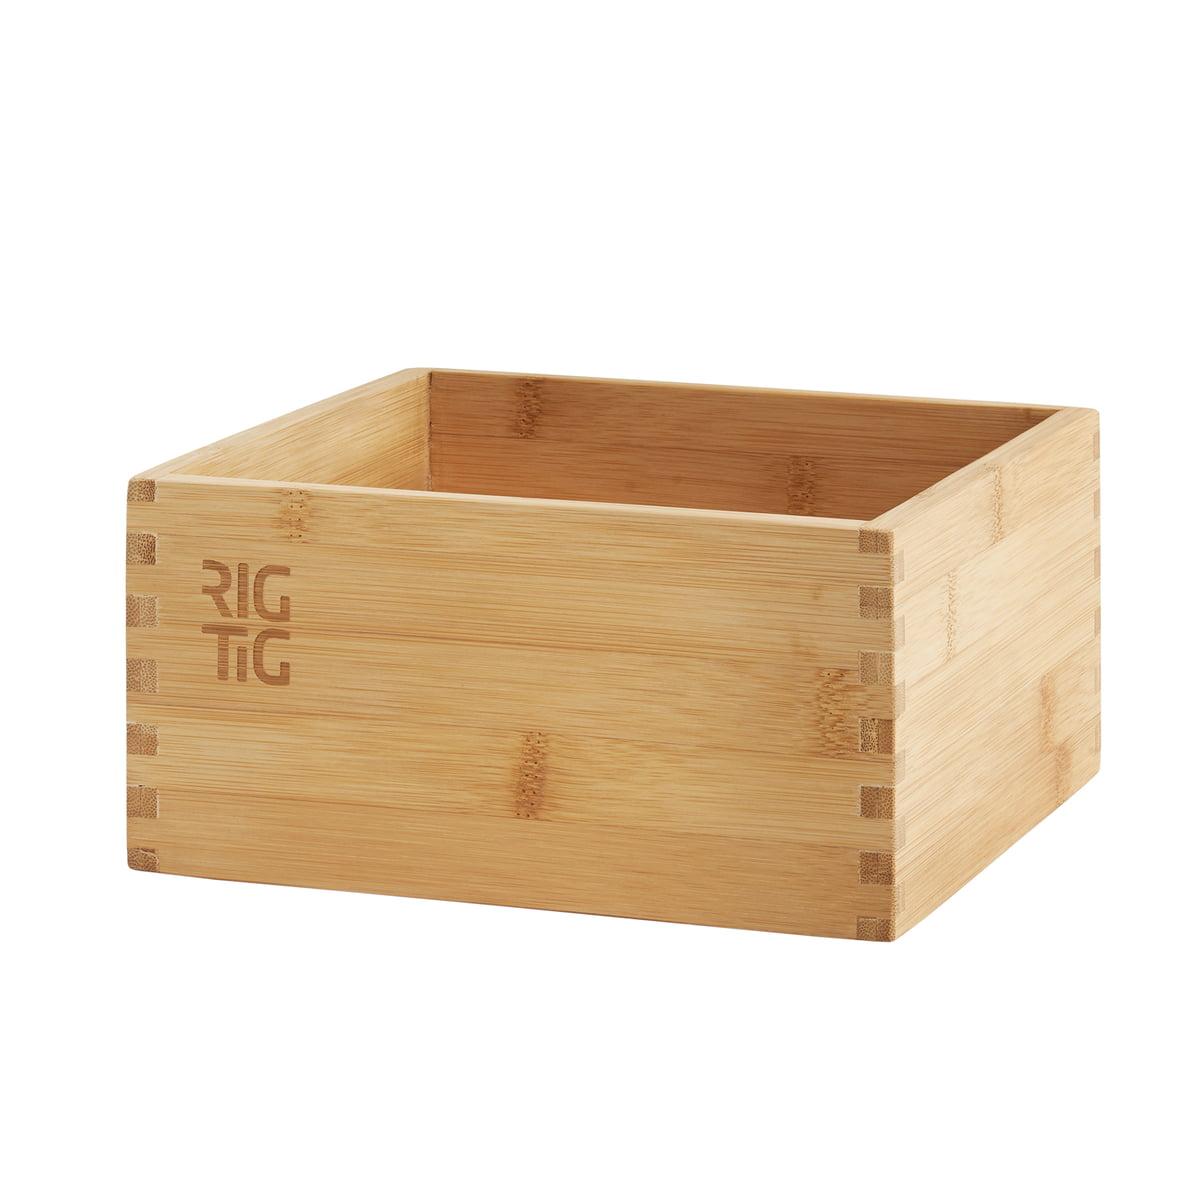 woodstock opbevaringsboks fra rig tig. Black Bedroom Furniture Sets. Home Design Ideas